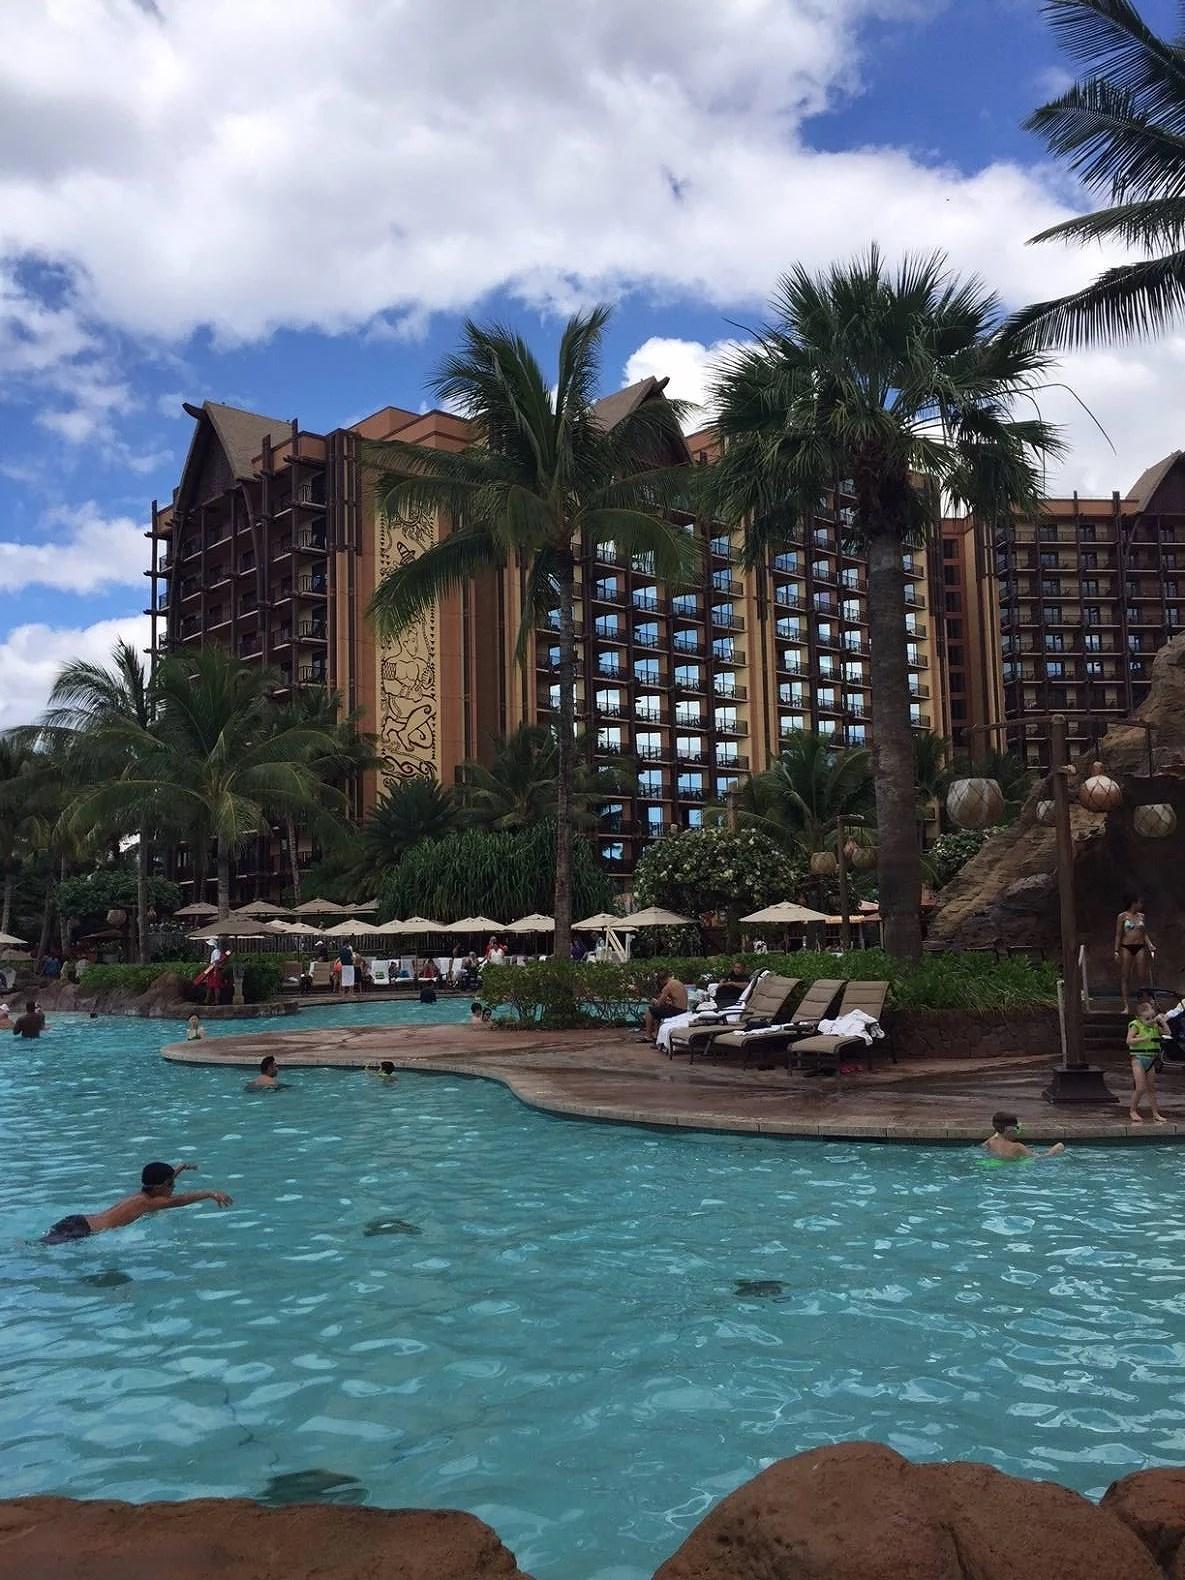 Helena - Aluani hotell och poolområde